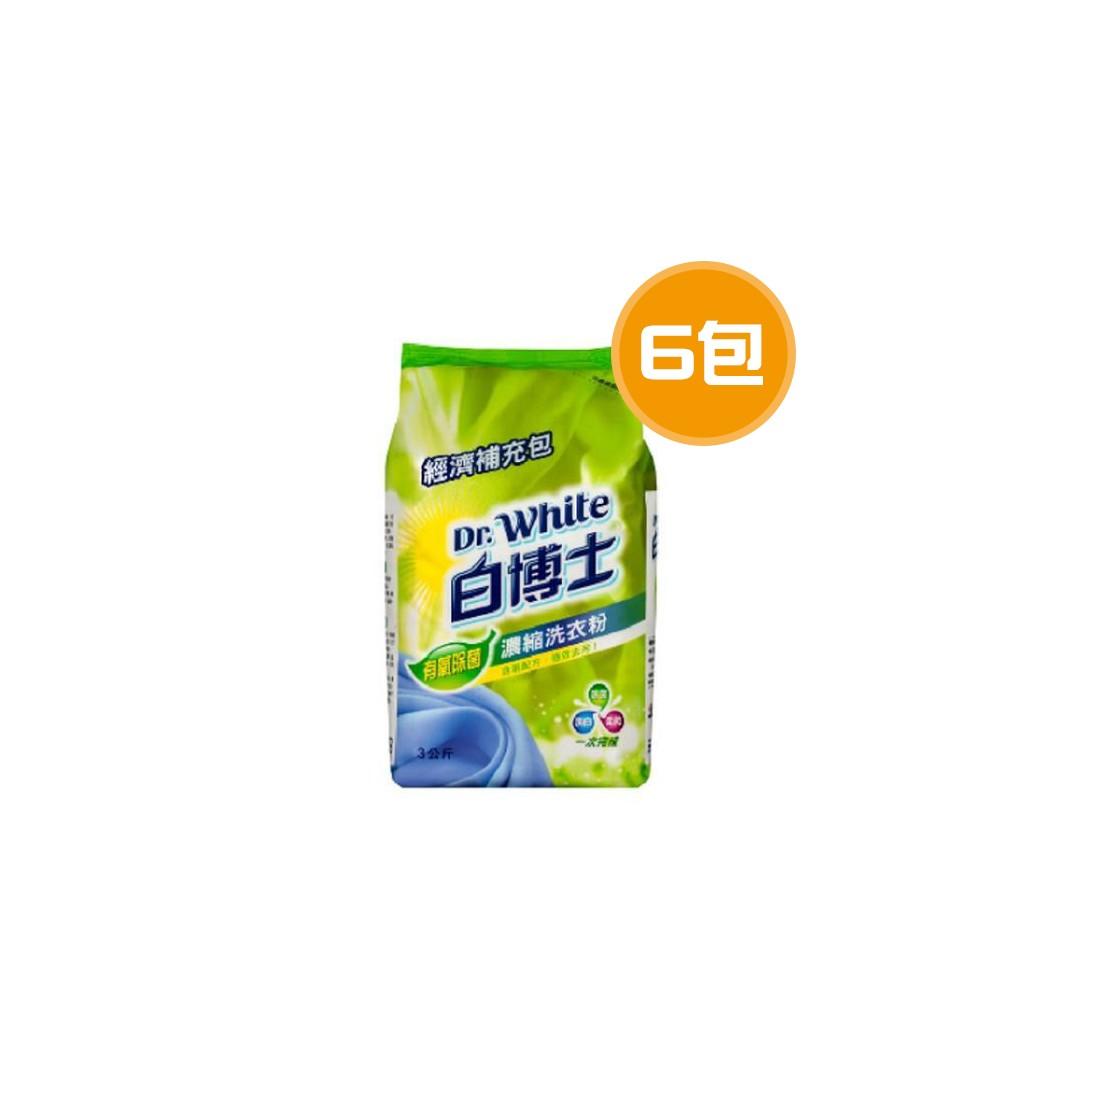 義美 天然取向紫菜蘇打 5包(300g/包)